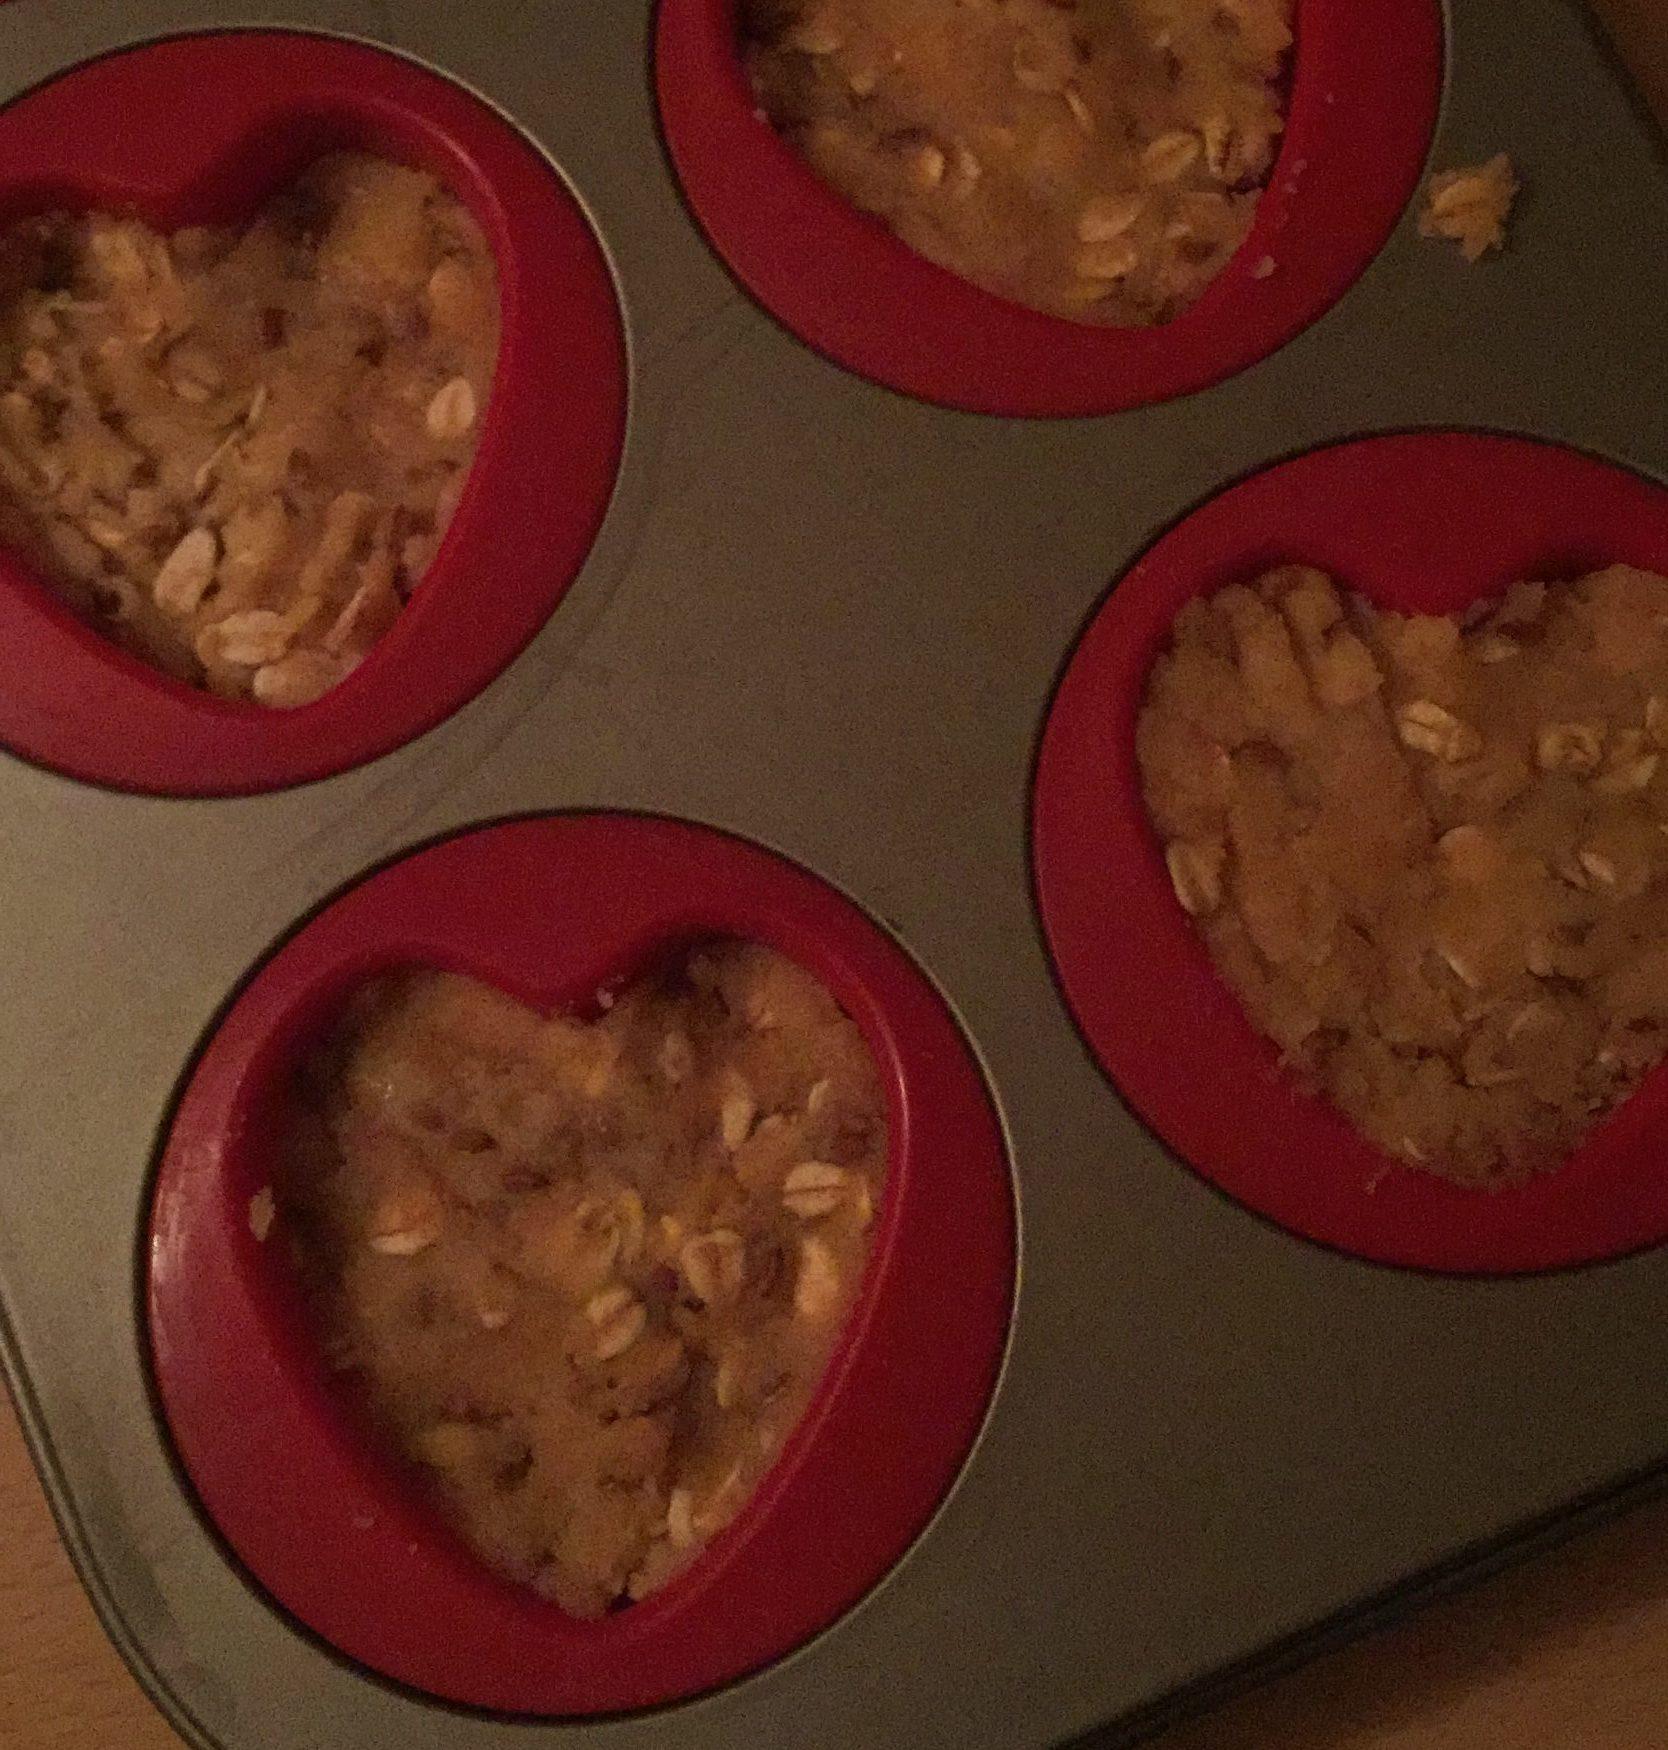 glutenfreier Teig in einer Muffinform als Brotersatz